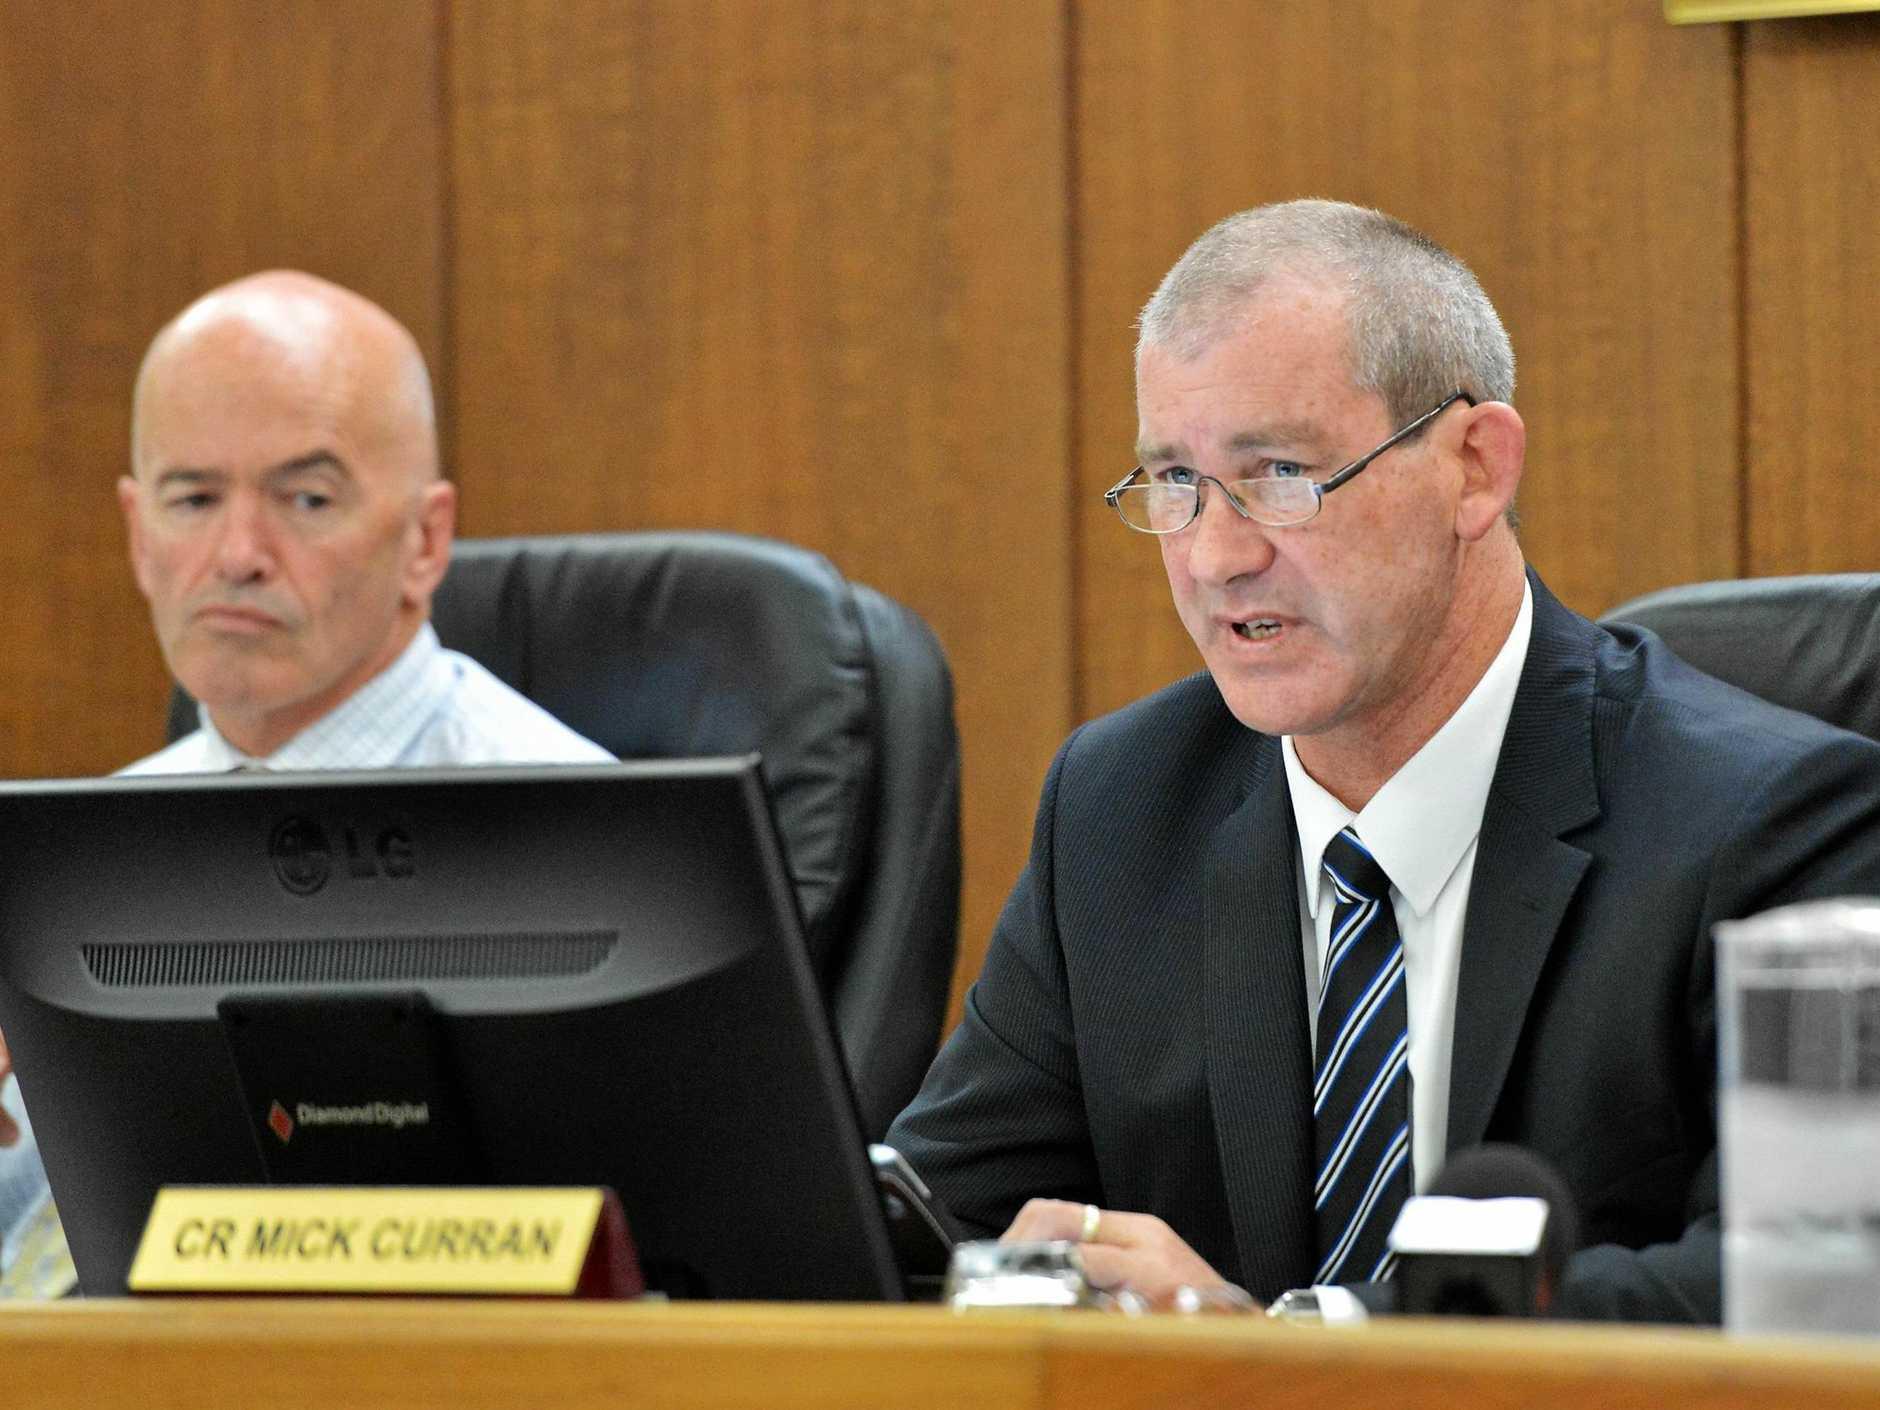 CEO Bernard Smith and Mayor Mick Curran -